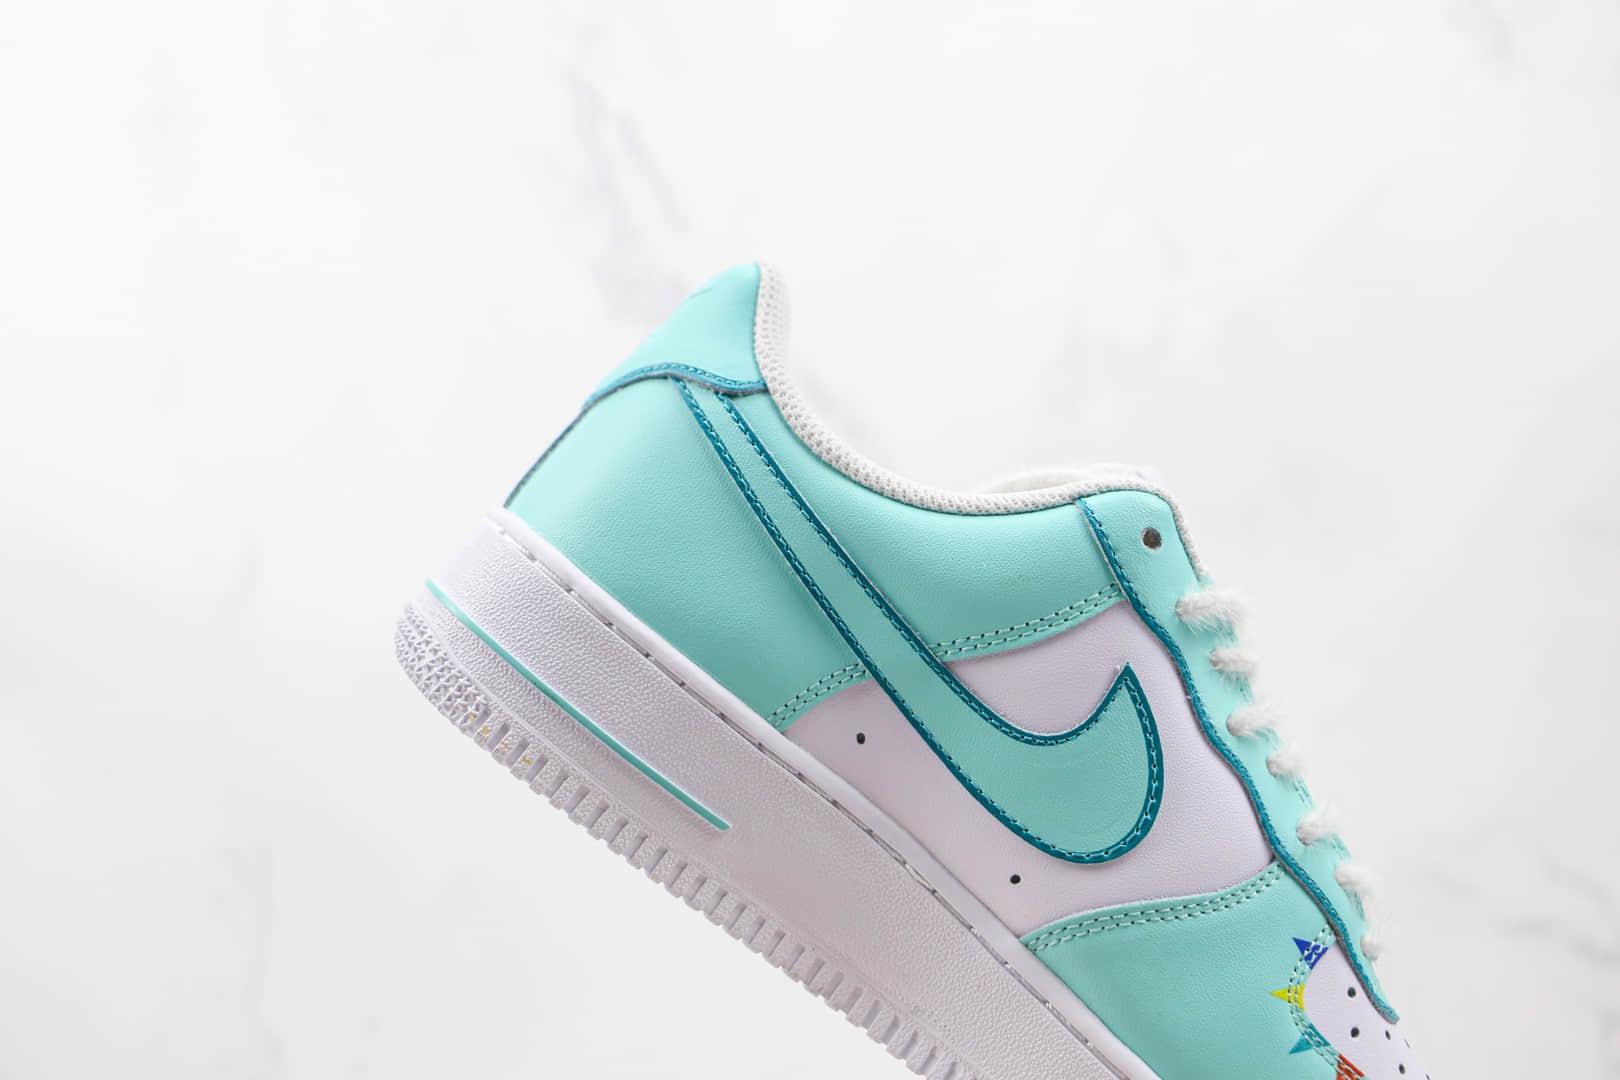 耐克Nike Air Force 1 Low 07纯原版本低帮空军一号蒂芙尼绿气球涂鸦板鞋内置气垫 货号:CW2288-111